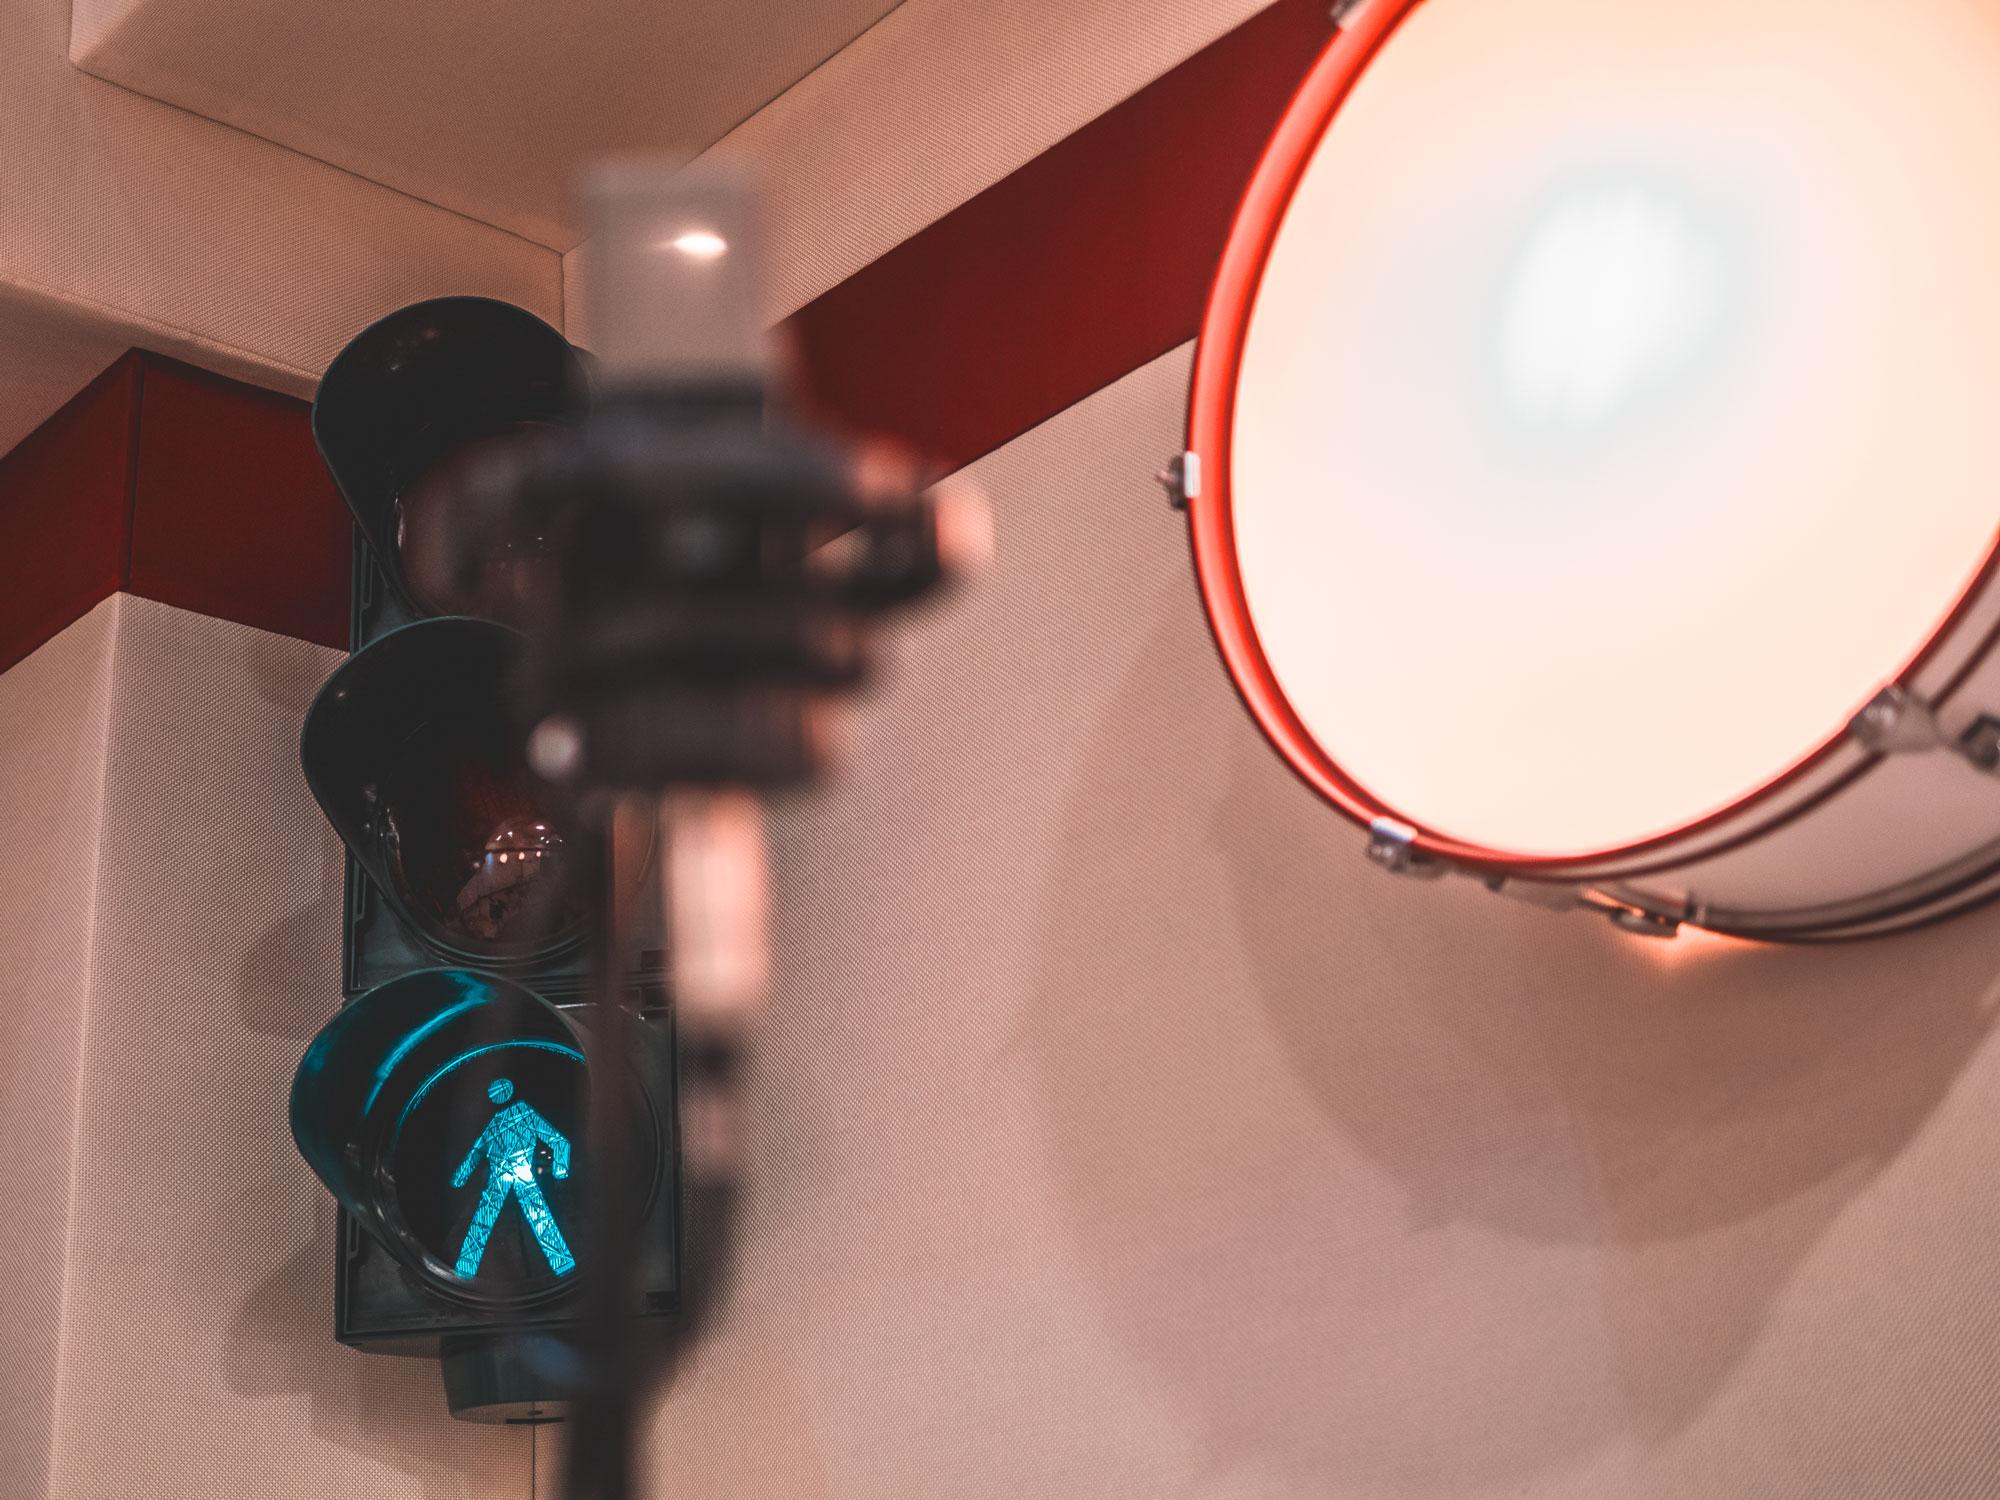 Un particolare dello studio Digital Records: un semaforo verde e un tamburo del sistema di rifrazione del suono kickback.